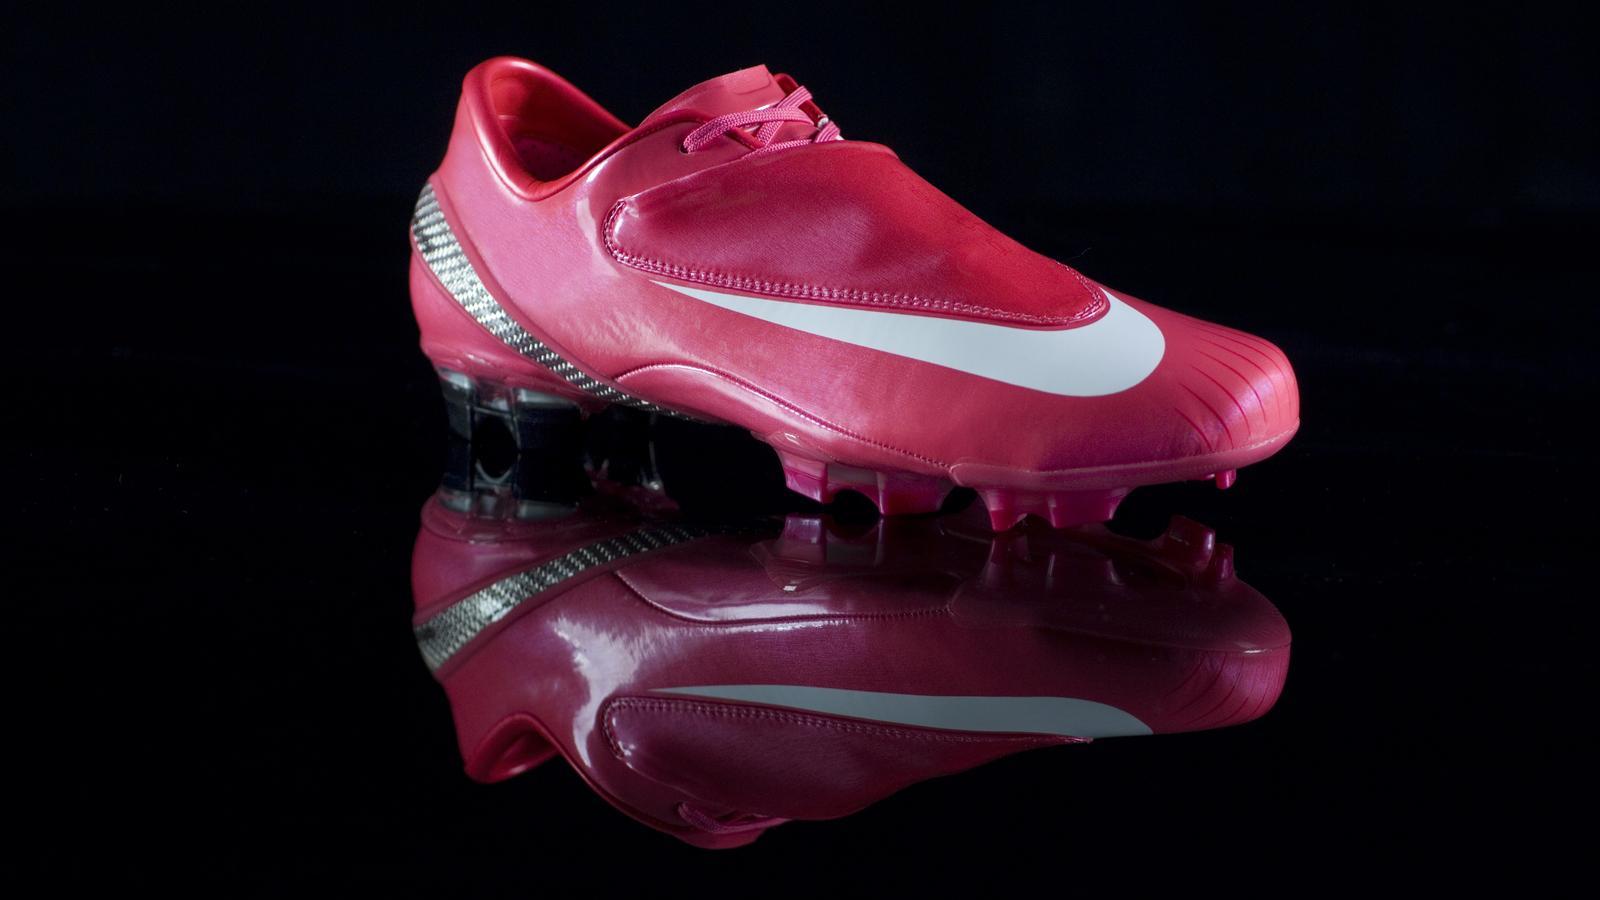 Giày đá banh Nike Mercurial Vapor Rosa 2008